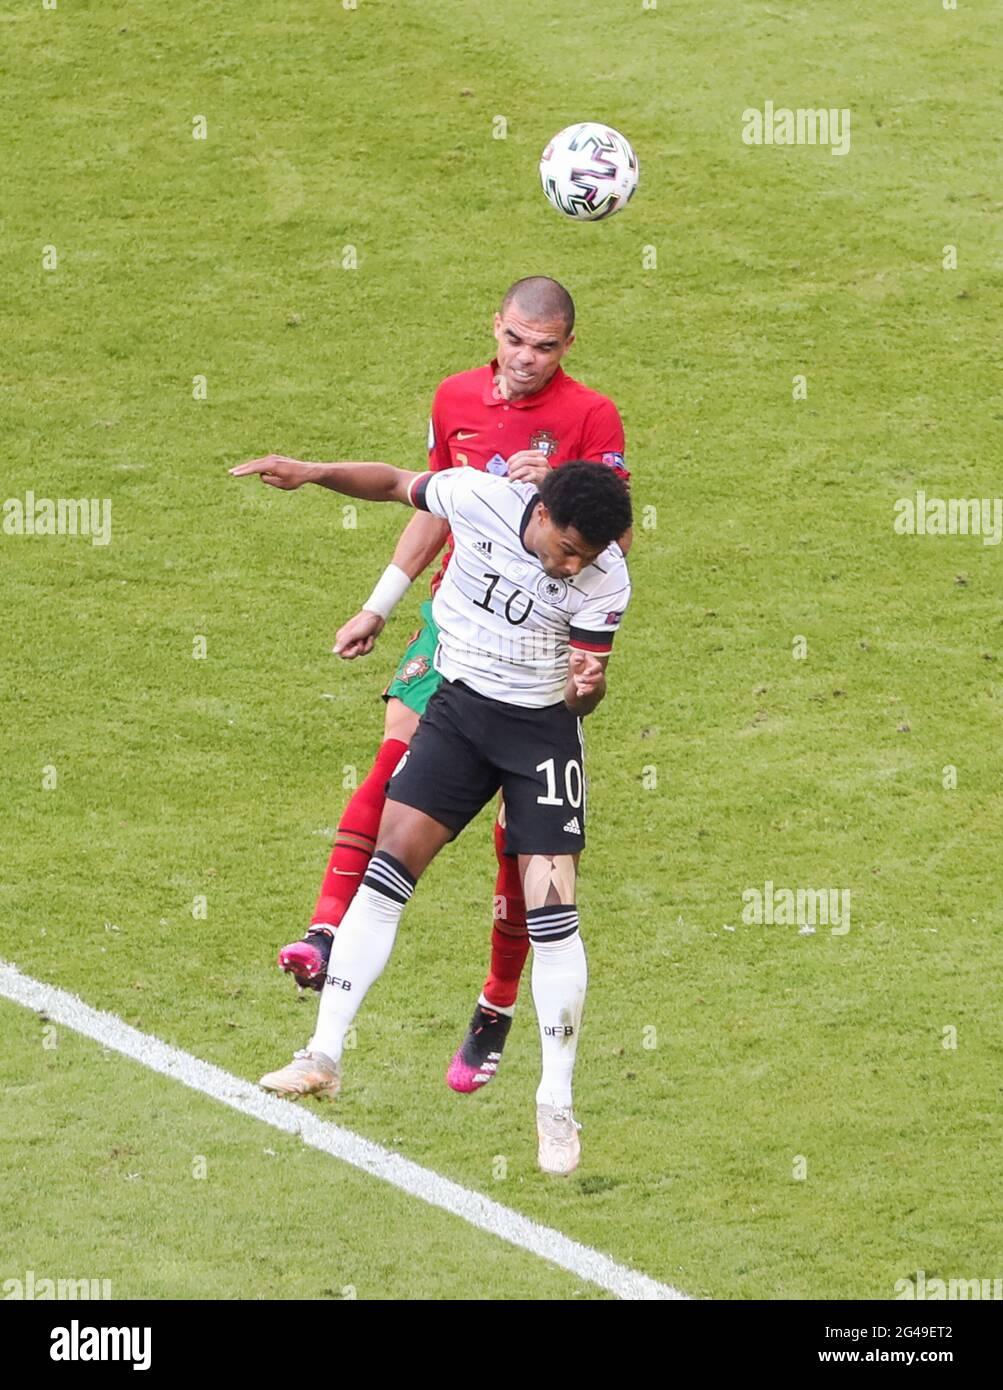 Munich, Allemagne. 19 juin 2021. Pepe (en haut) du Portugal rivalise avec Serge Gnabry, d'Allemagne, lors du championnat de l'UEFA Euro 2020 du Groupe F à Munich, en Allemagne, le 19 juin 2021. Credit: Shan Yuqi/Xinhua/Alay Live News Banque D'Images